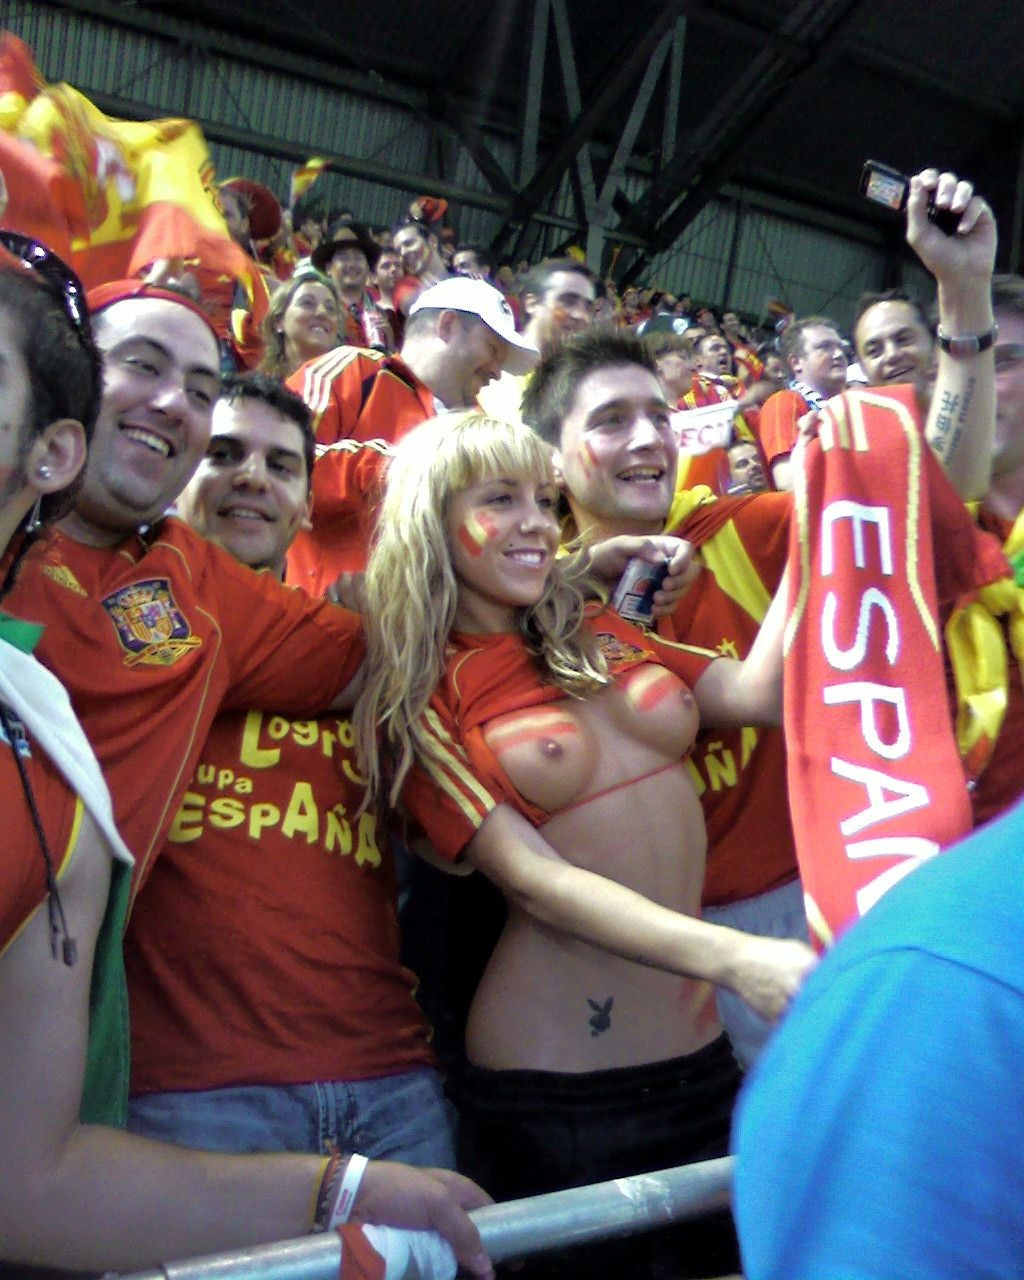 【海外ワールドカップエロ画像】サッカーの応援してる海外美女がオッパイでかすぎてマジでエロ杉注意ーーー❖ 1 135